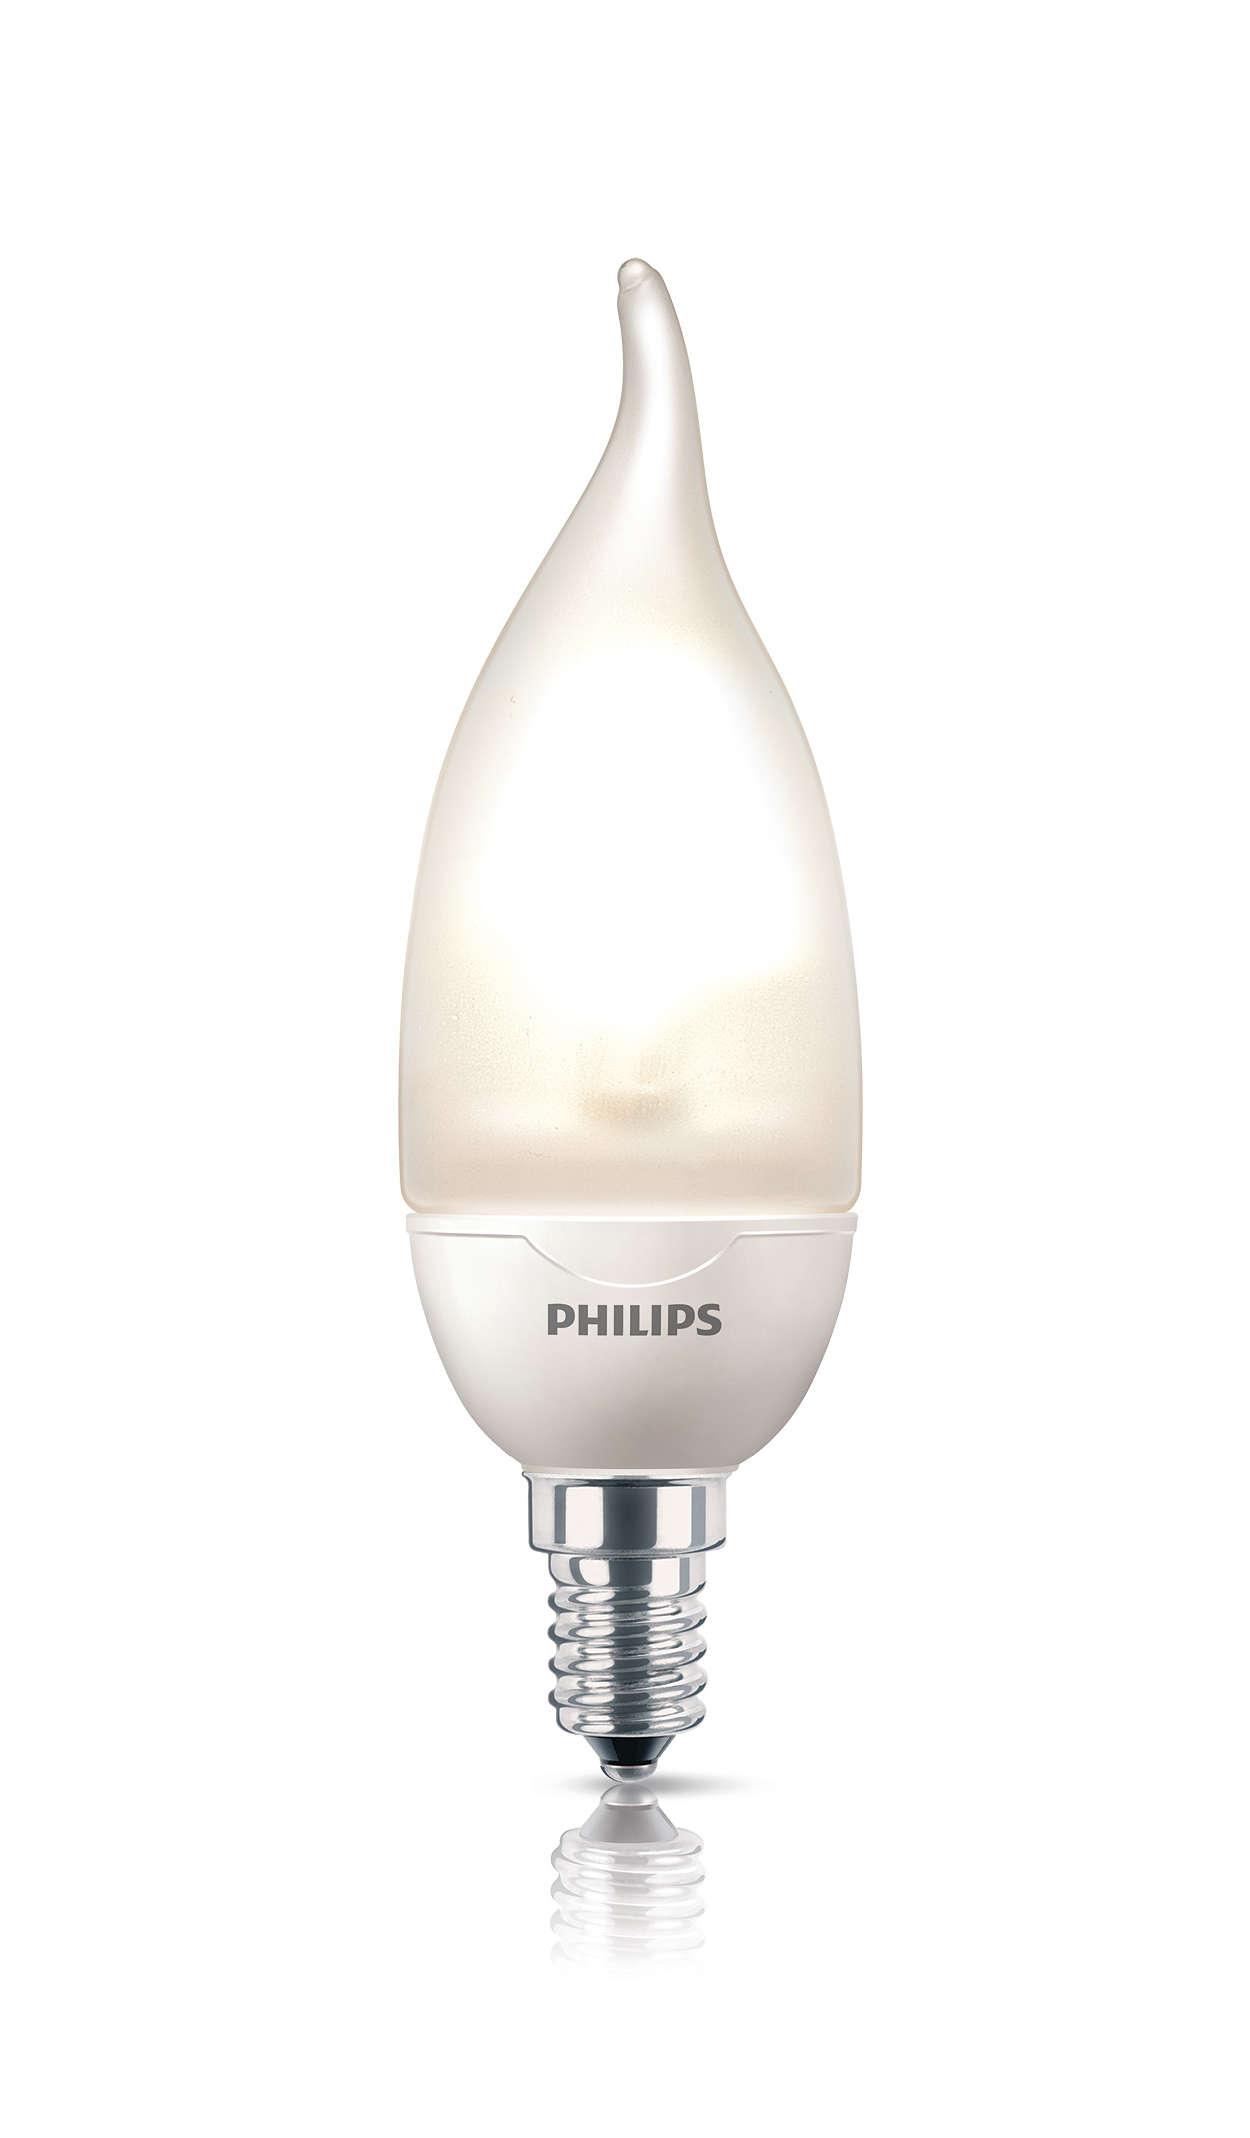 Dekorativ kronljuslampa med böjd spets